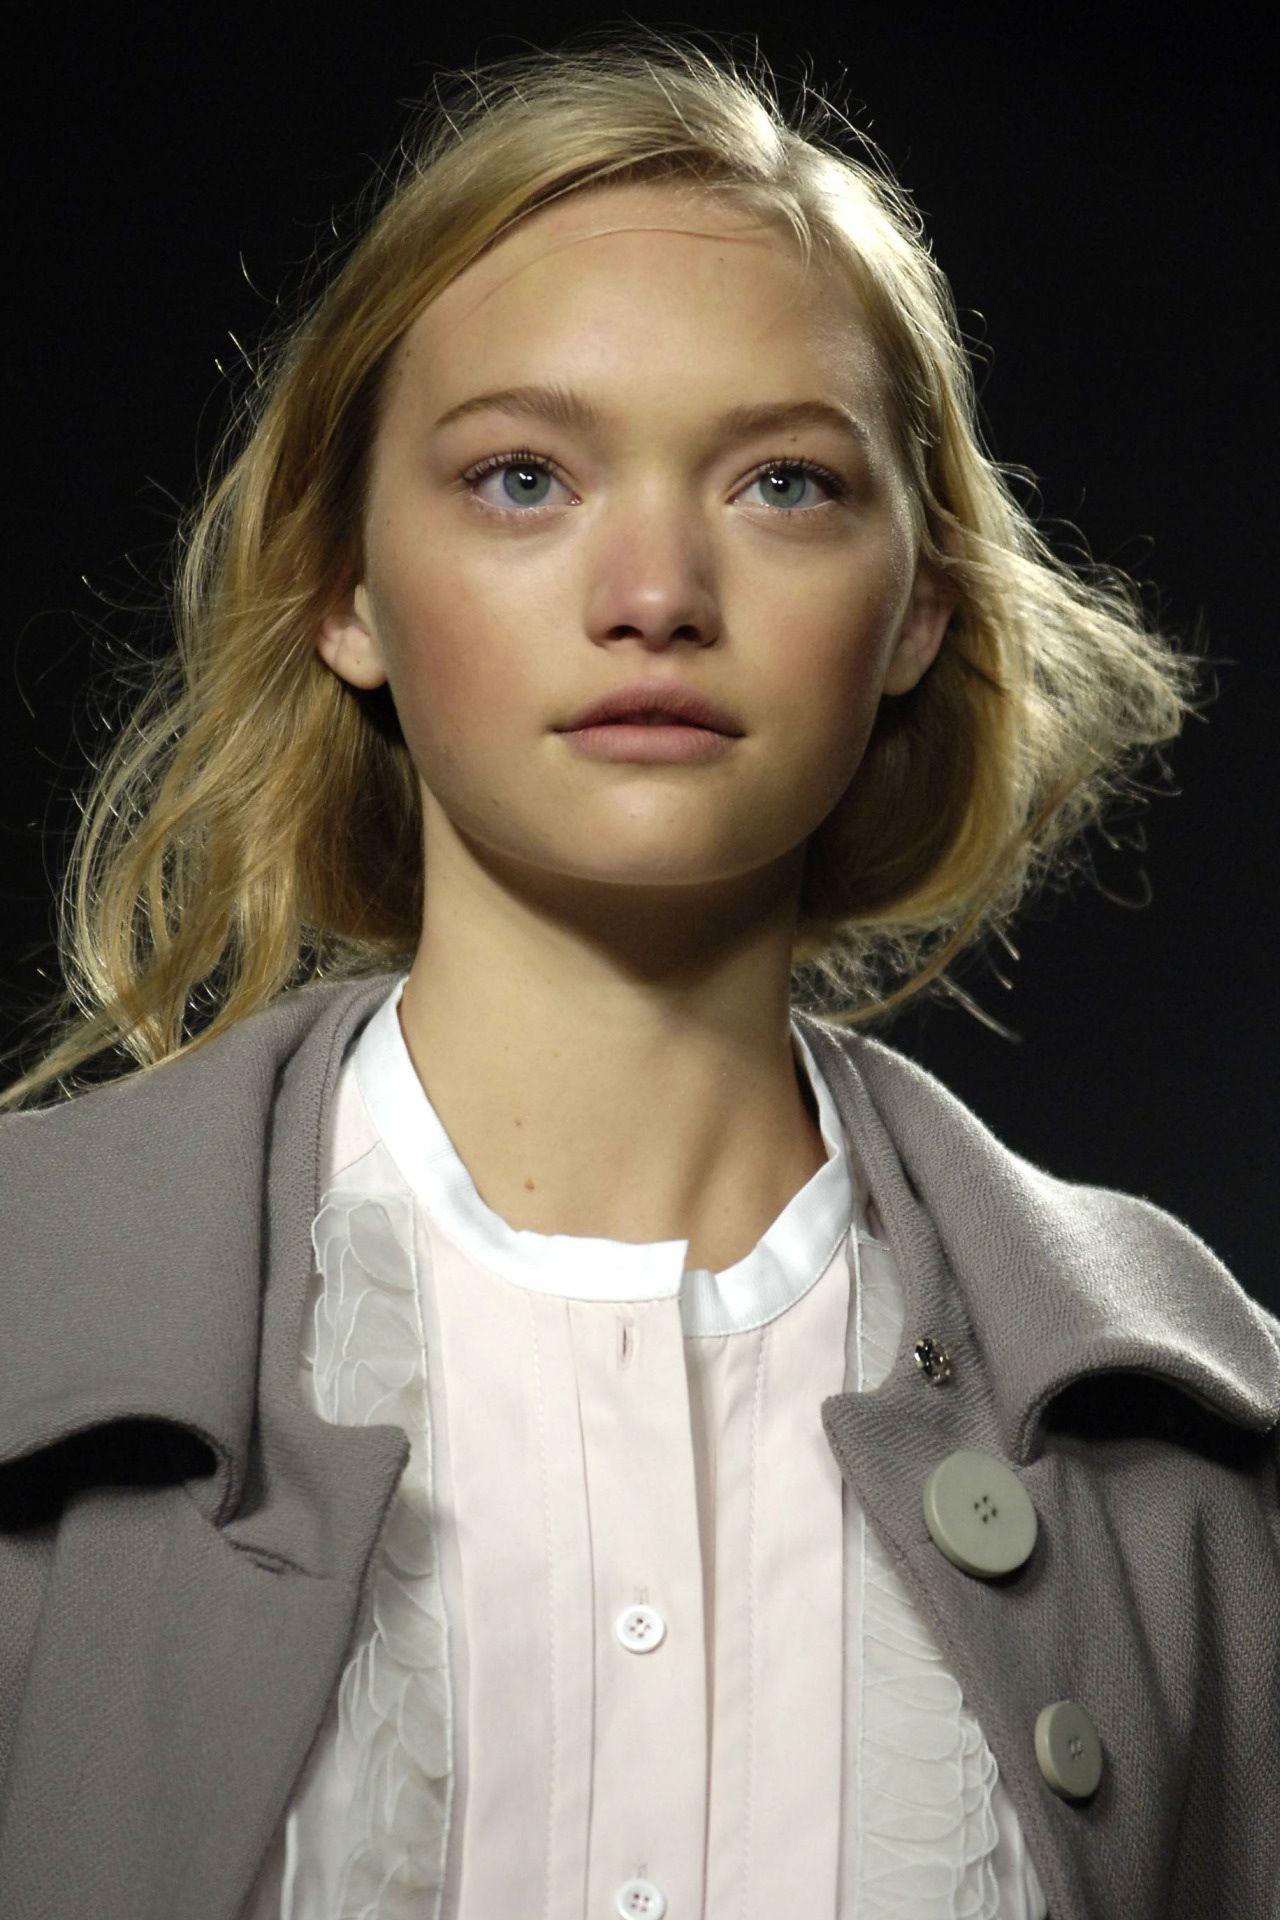 Gemma Ward for Chloe F/W 2006